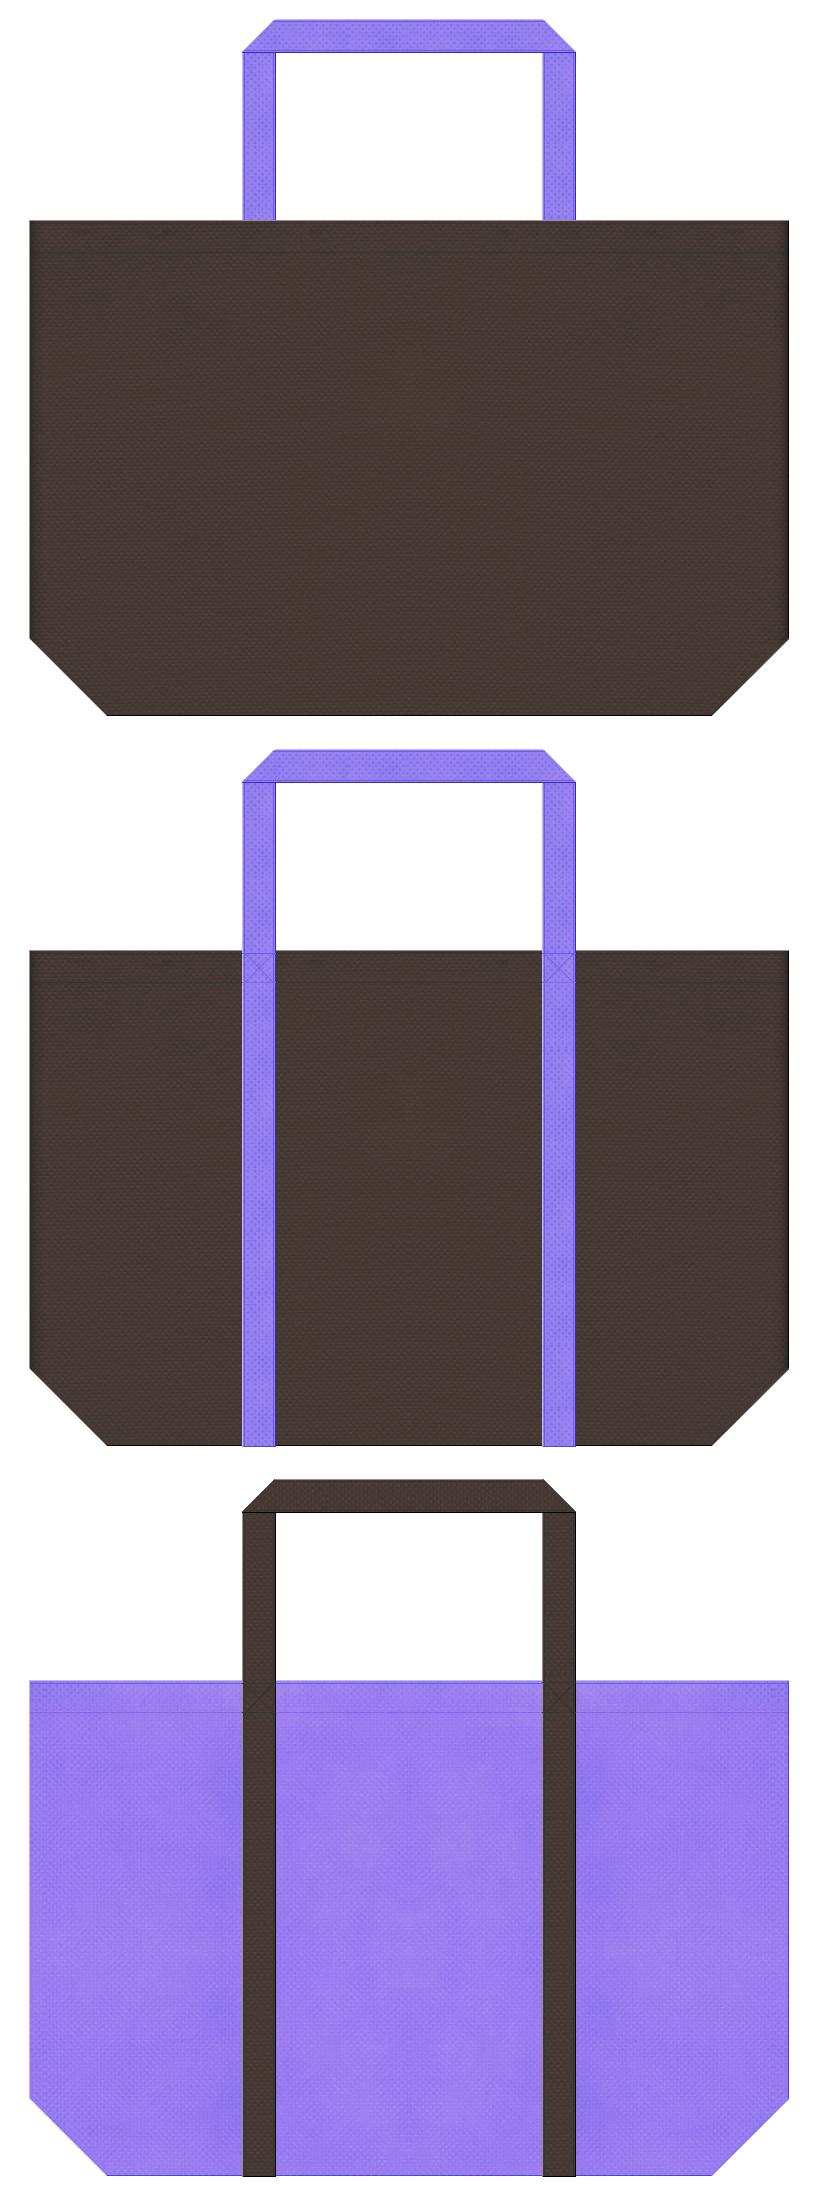 ヘアカラー・ヘアアクセサリー・ヘアサロン・ヘアケア・ウィッグ・コスプレ衣装のショッピングバッグにお奨めの不織布バッグのデザイン:こげ茶色と薄紫色のコーデ